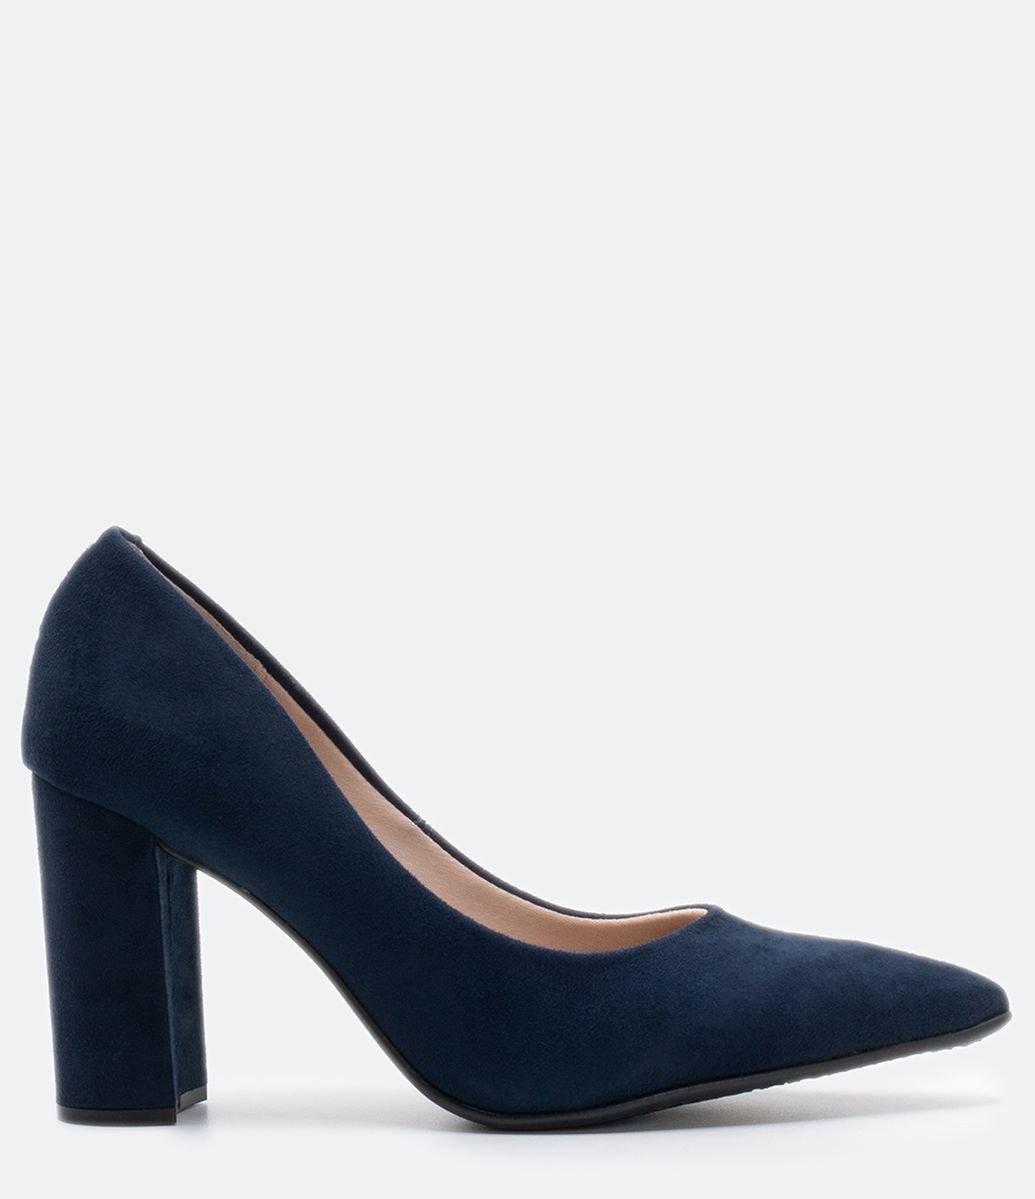 60326f44ec Menor preço em Sapato Scarpin Feminino Salto Grosso Beira Rio